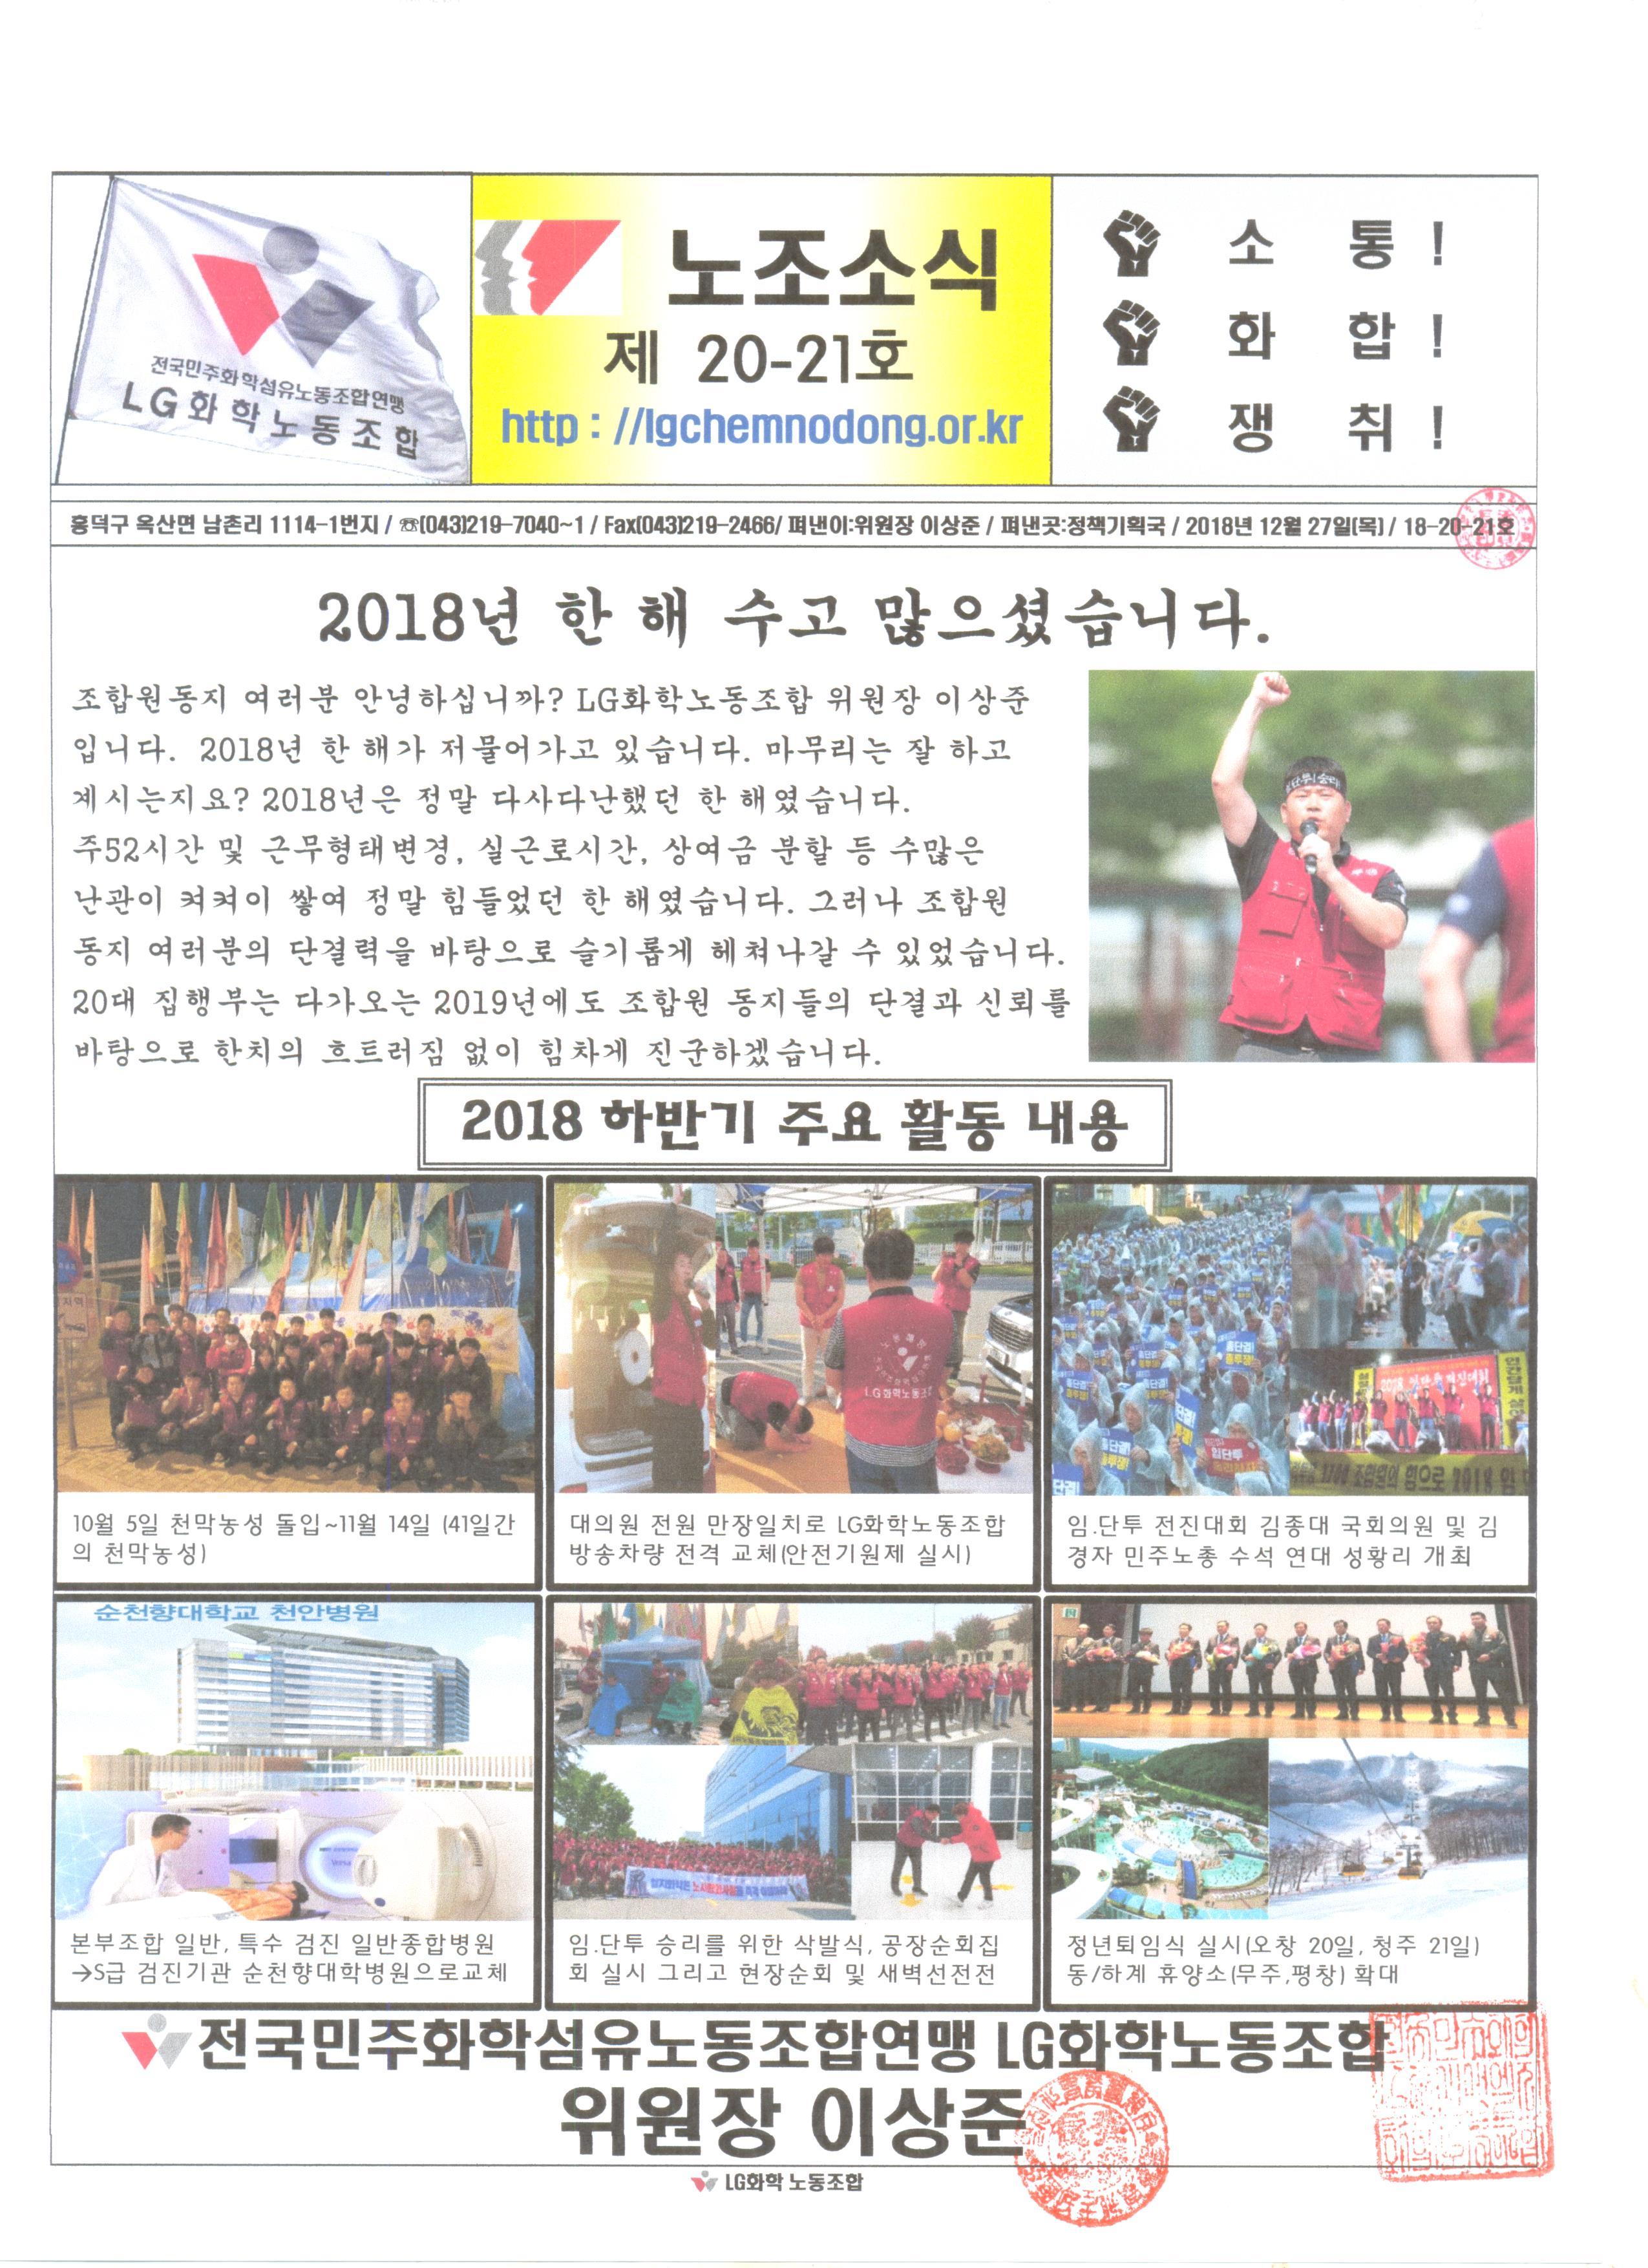 노조소식지 20-21호(18.12.27)